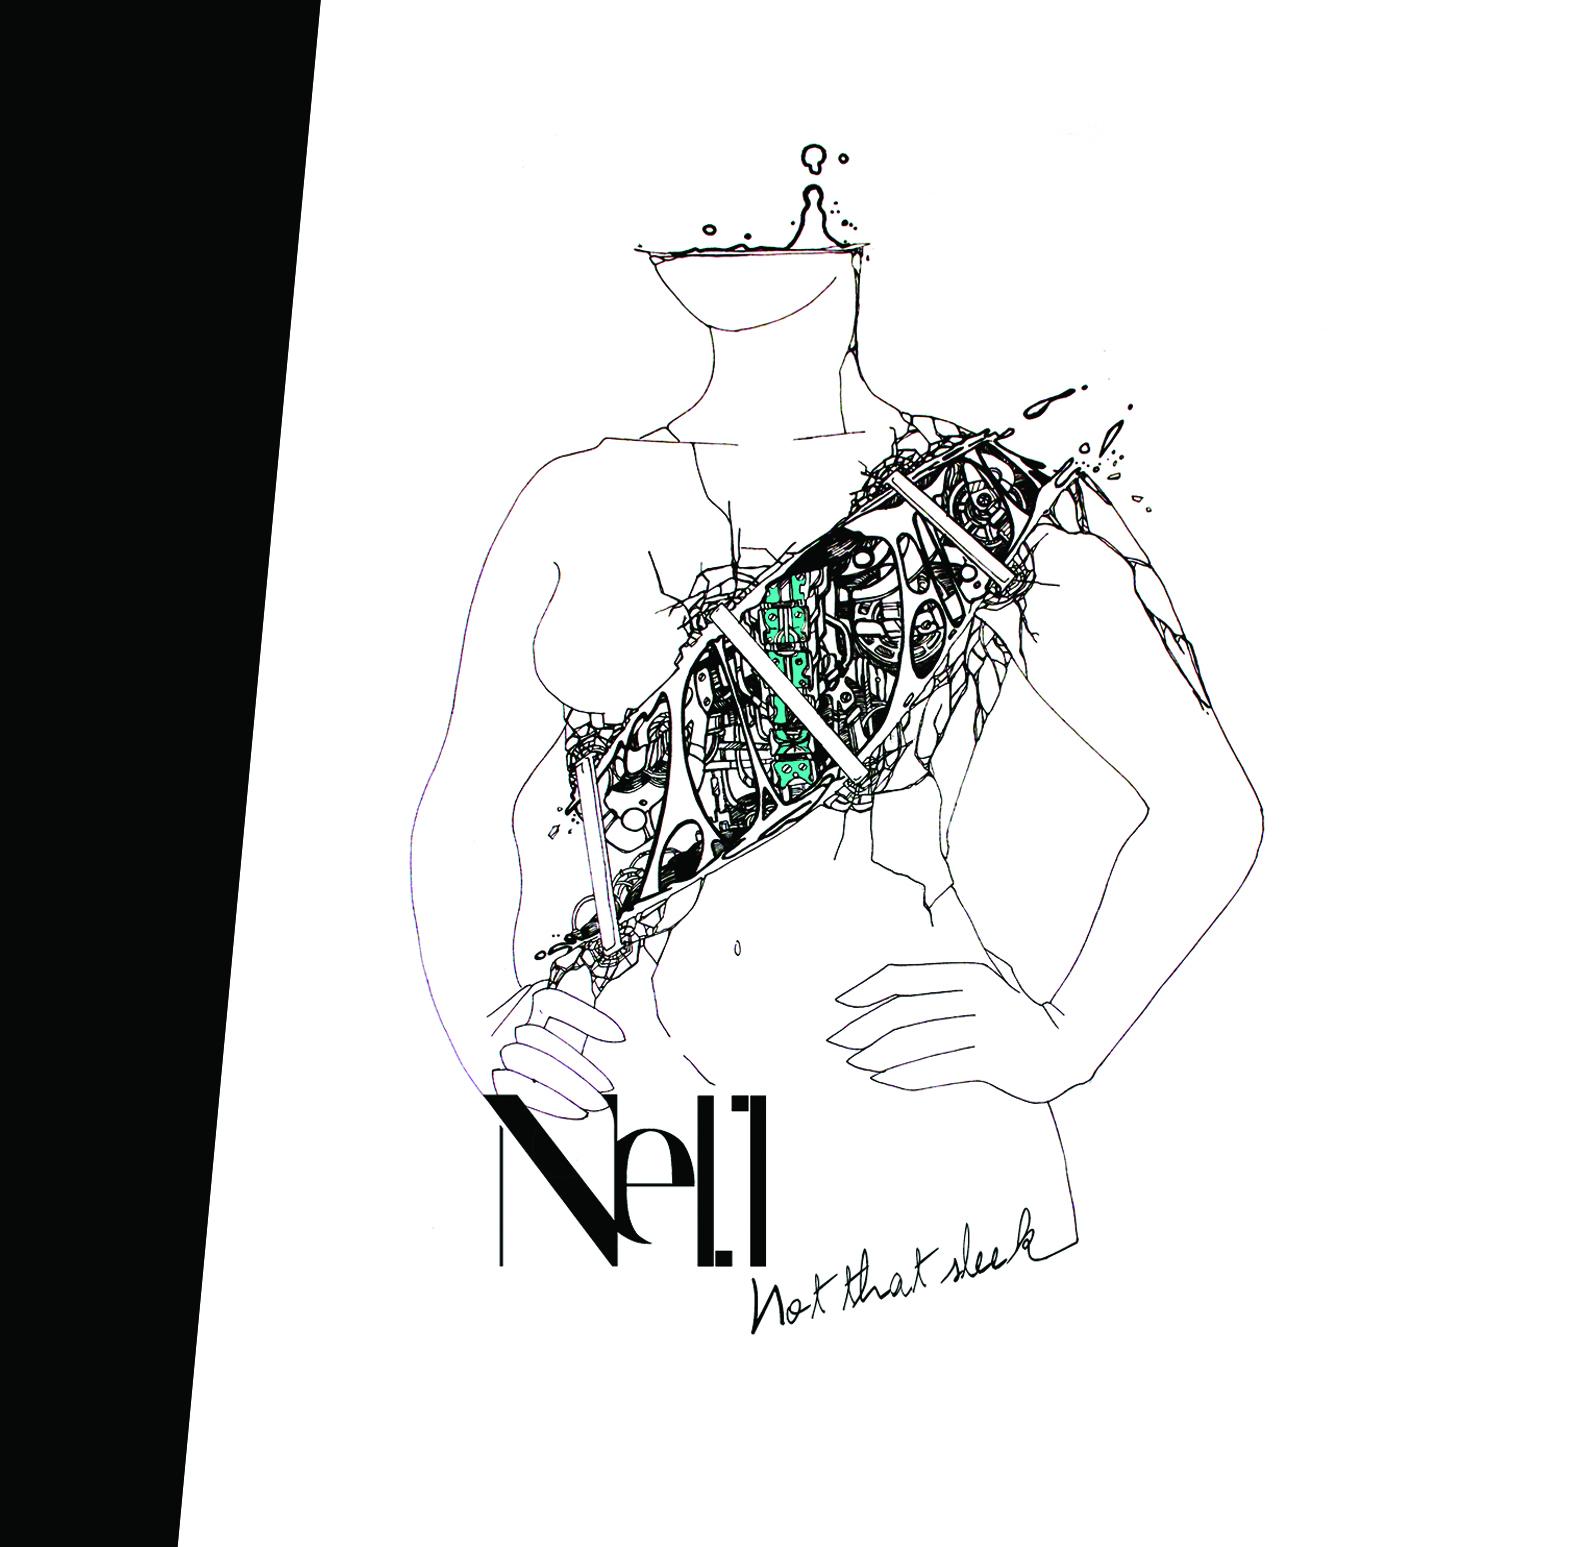 Nell Not That Sleek